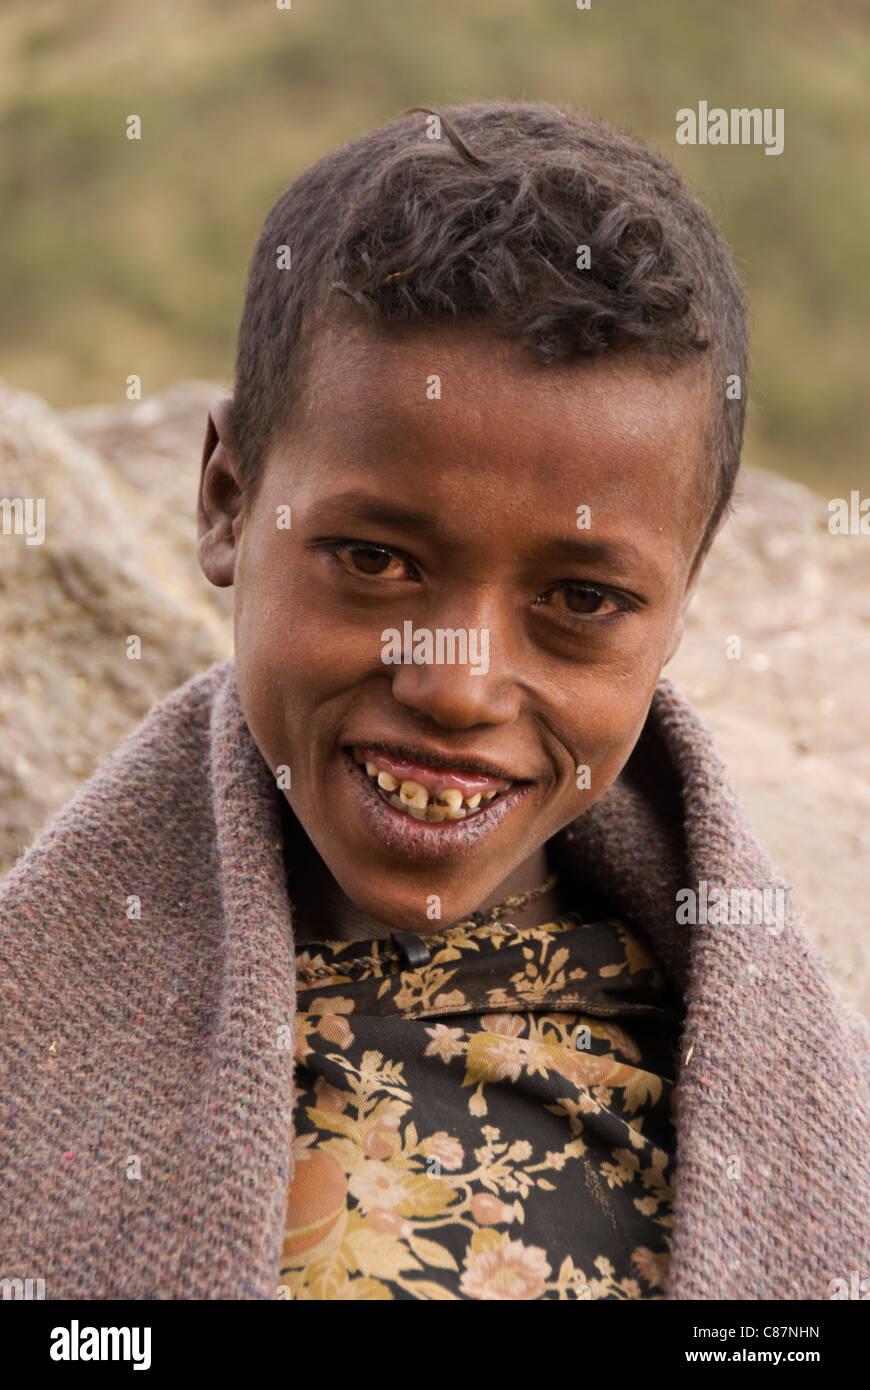 Etiopia, Simien Mountains National Park, ritratto del ragazzo. Immagini Stock